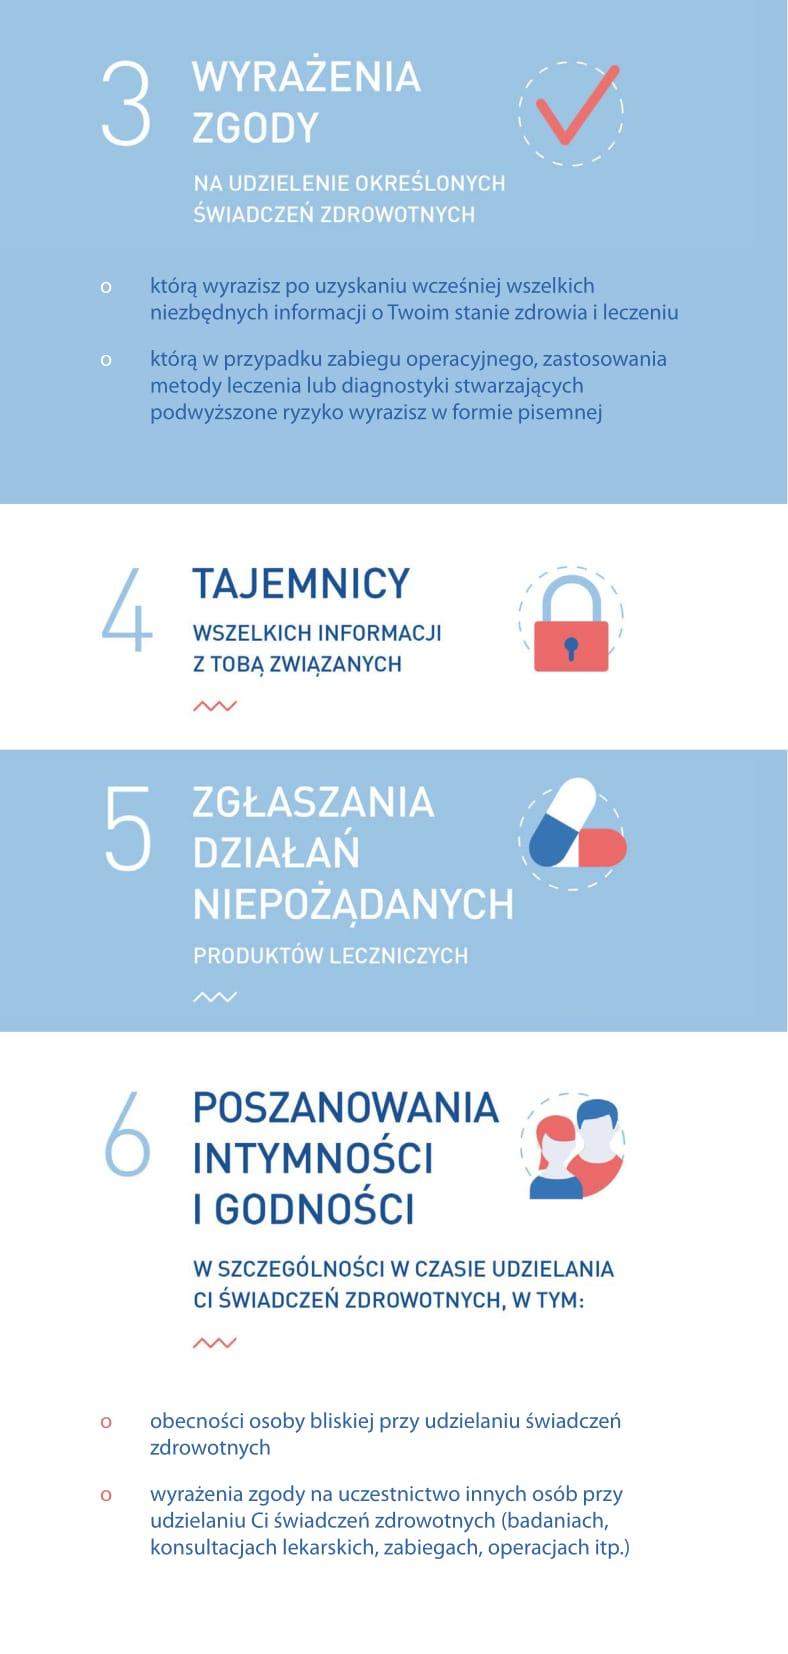 ulotka_prawa_pacjenta_2016-2